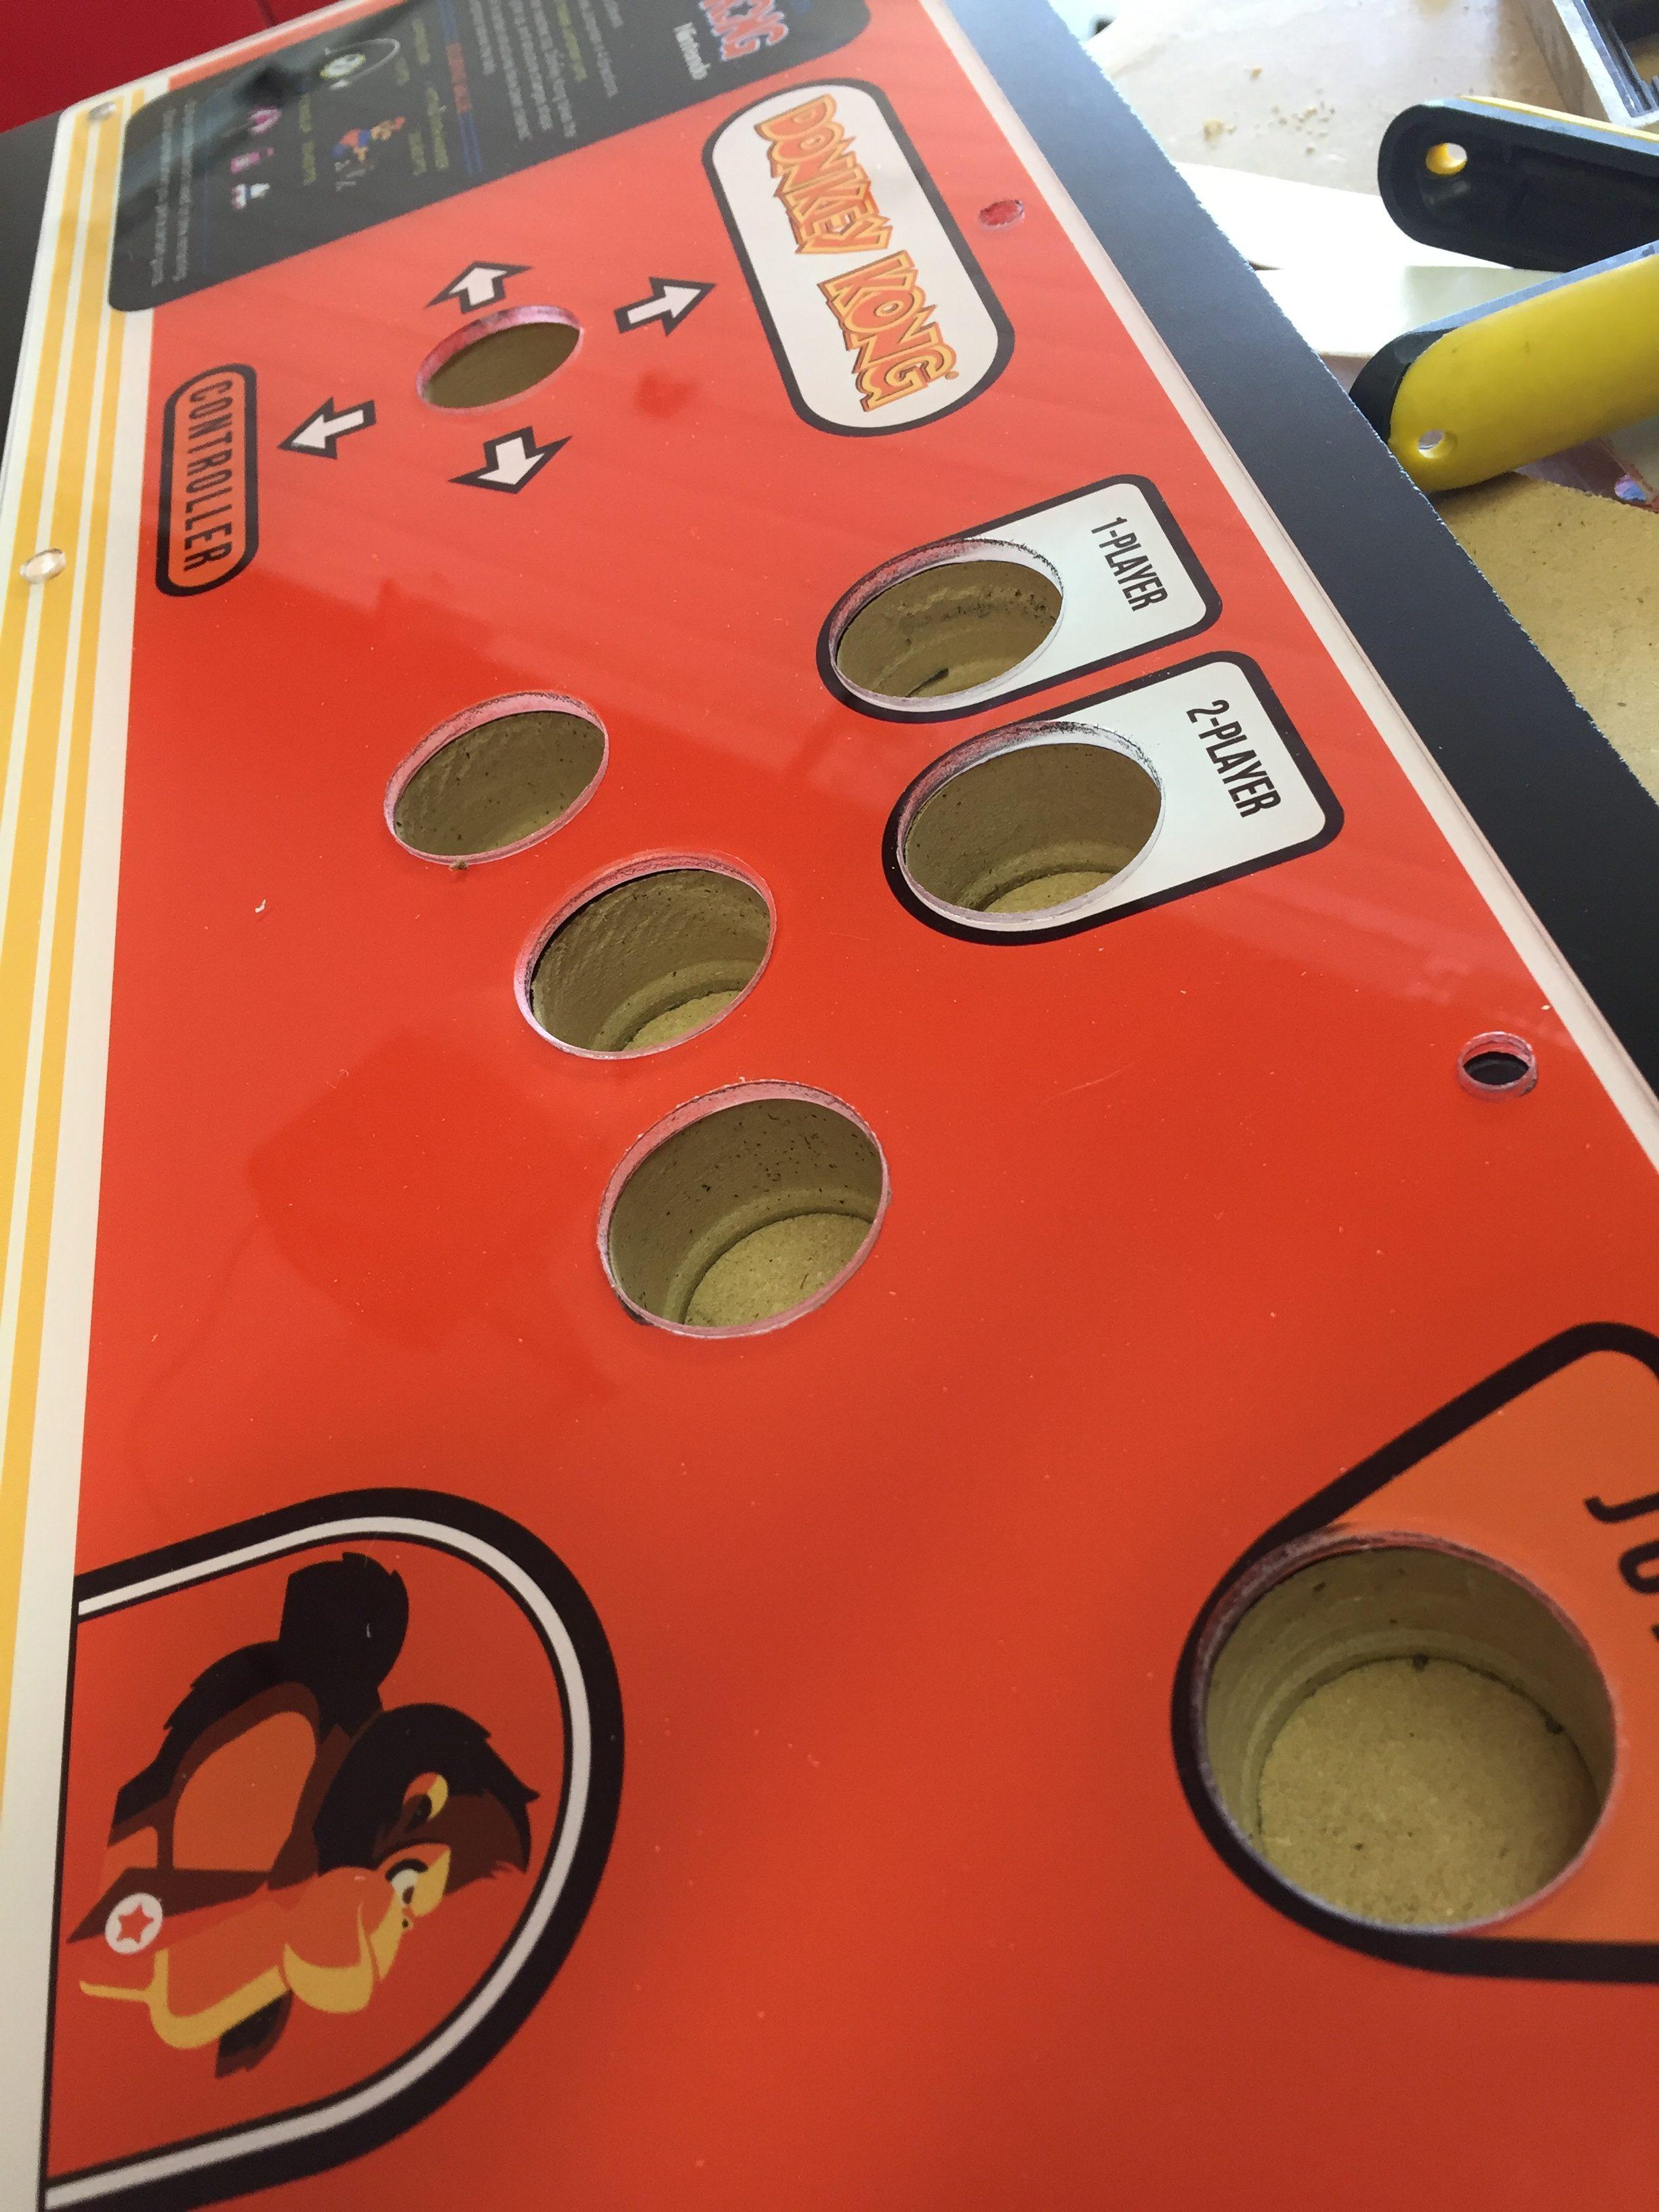 Donkey Kong Arcade Machine: Perfectly Aligned